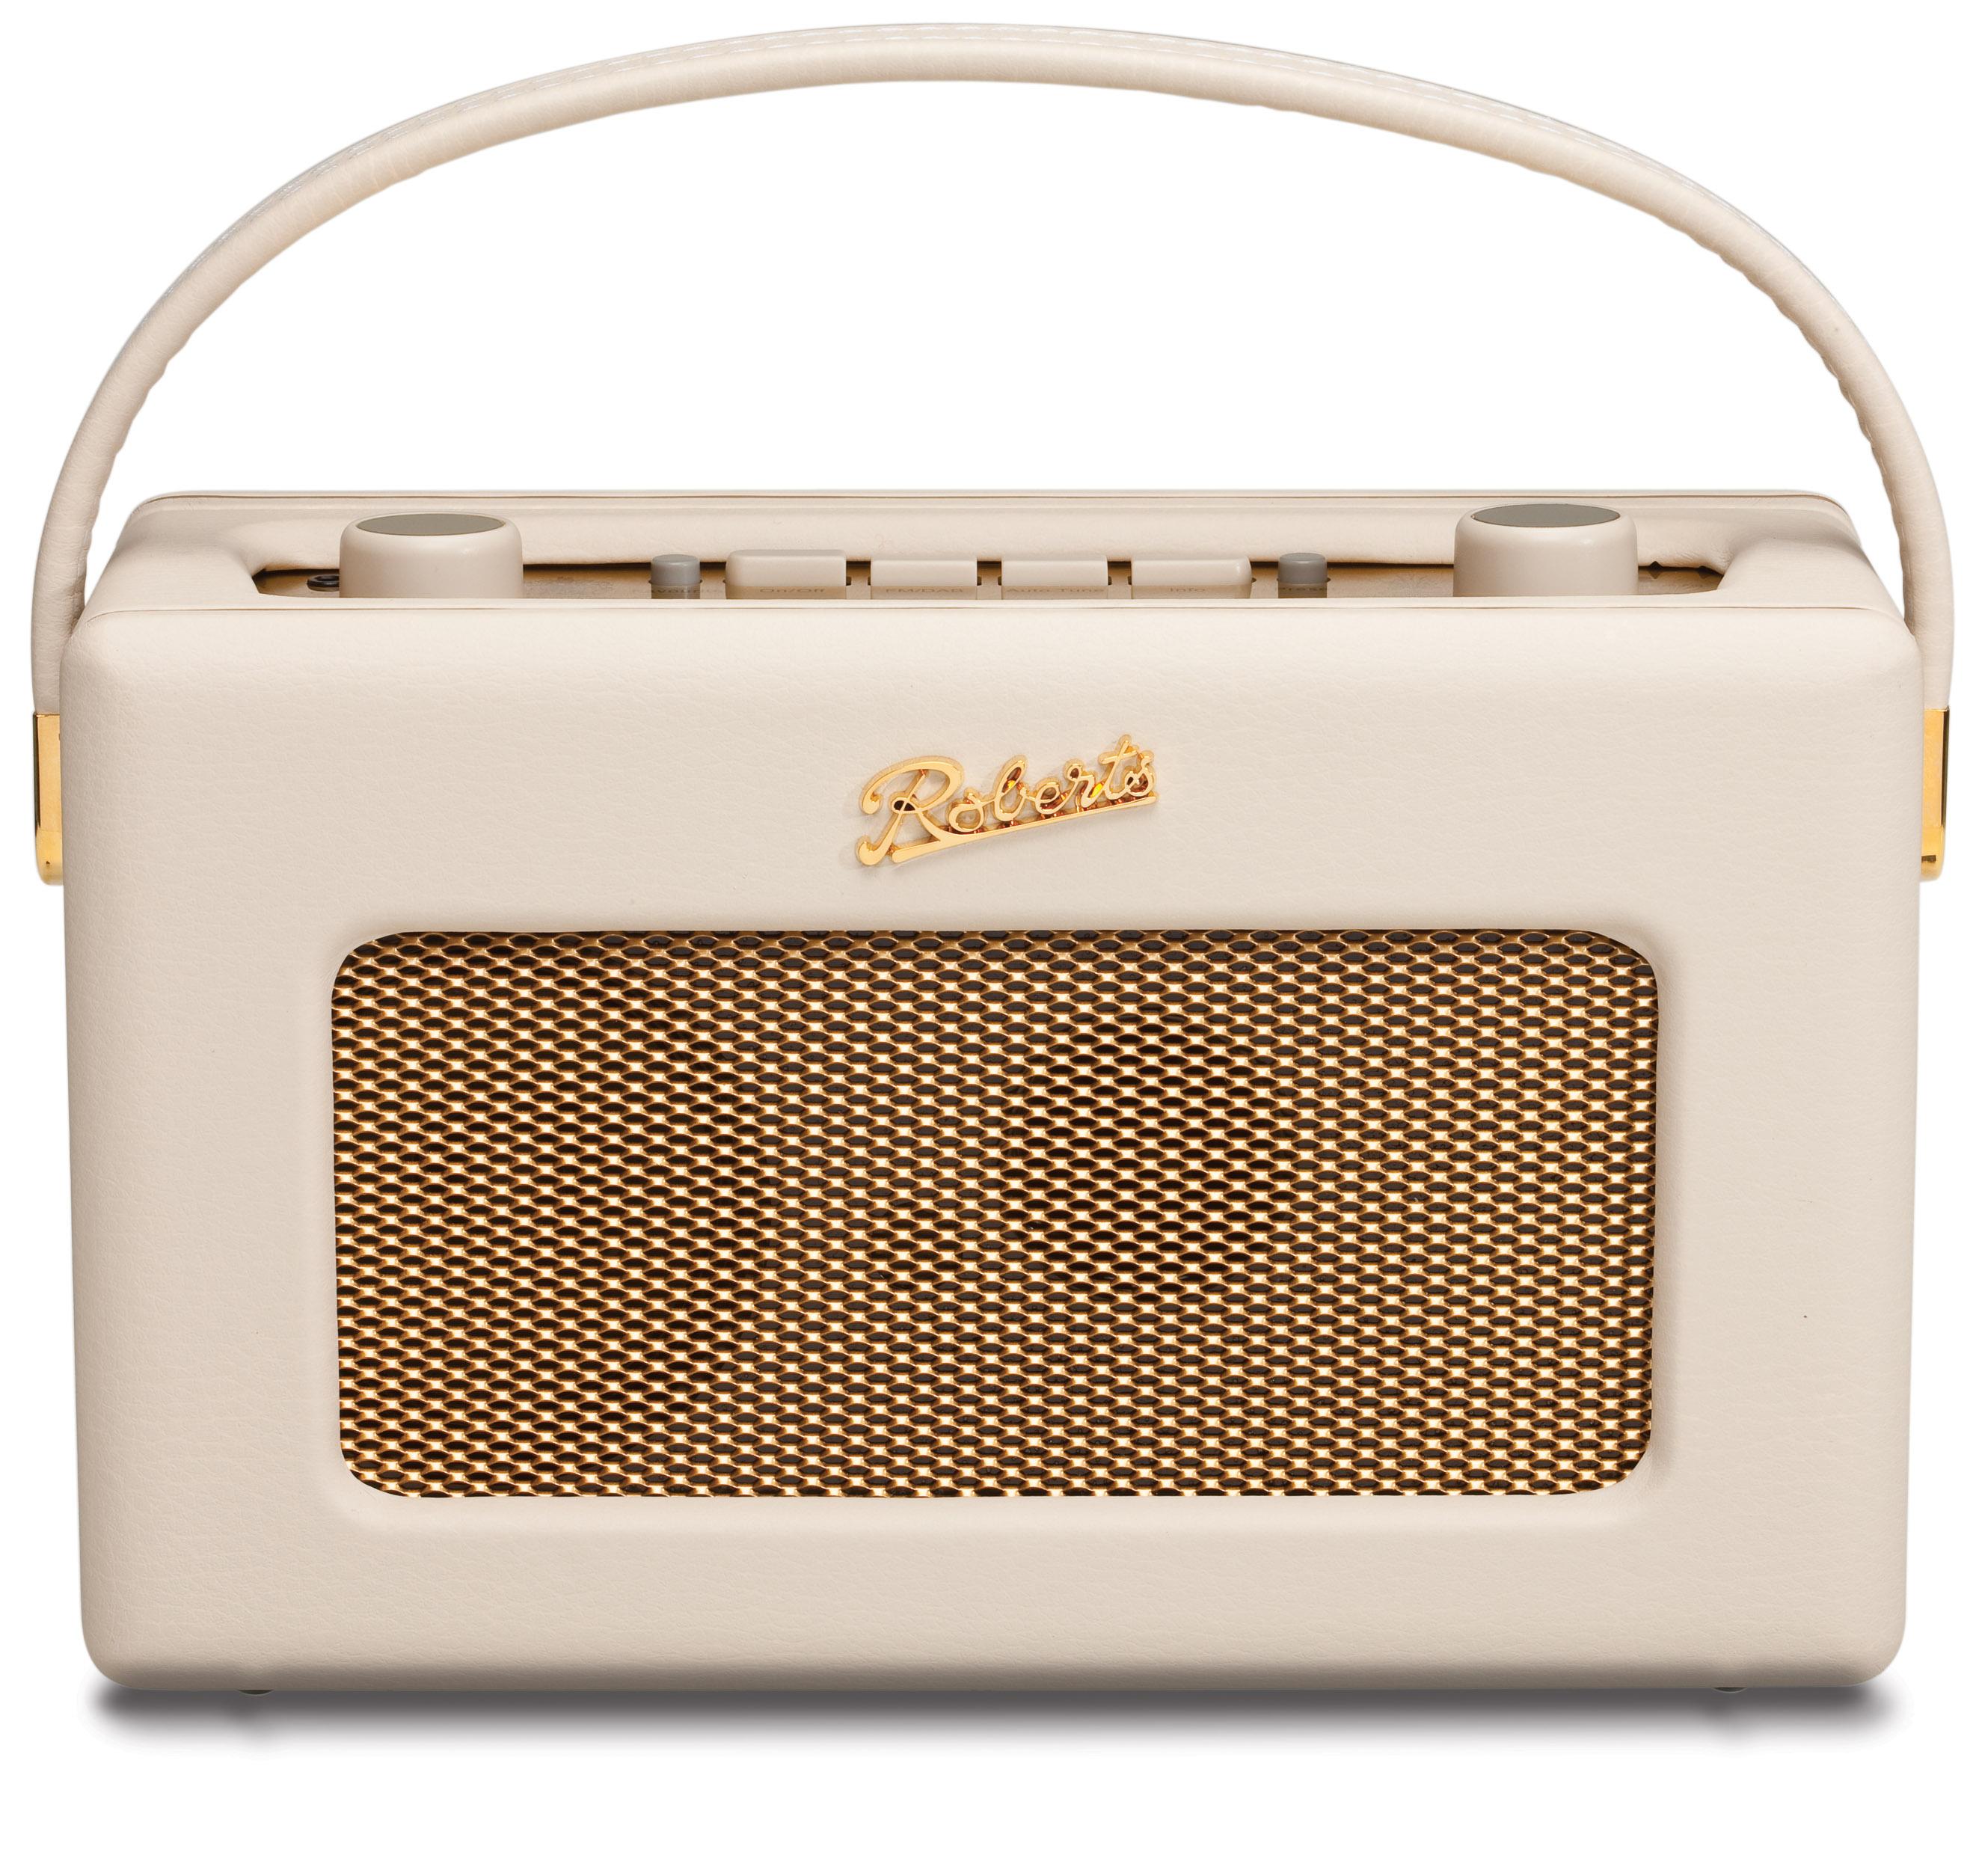 Roberts Radio Revival RD60 FM/ DAB/ DAB+ Cream (130-313010)